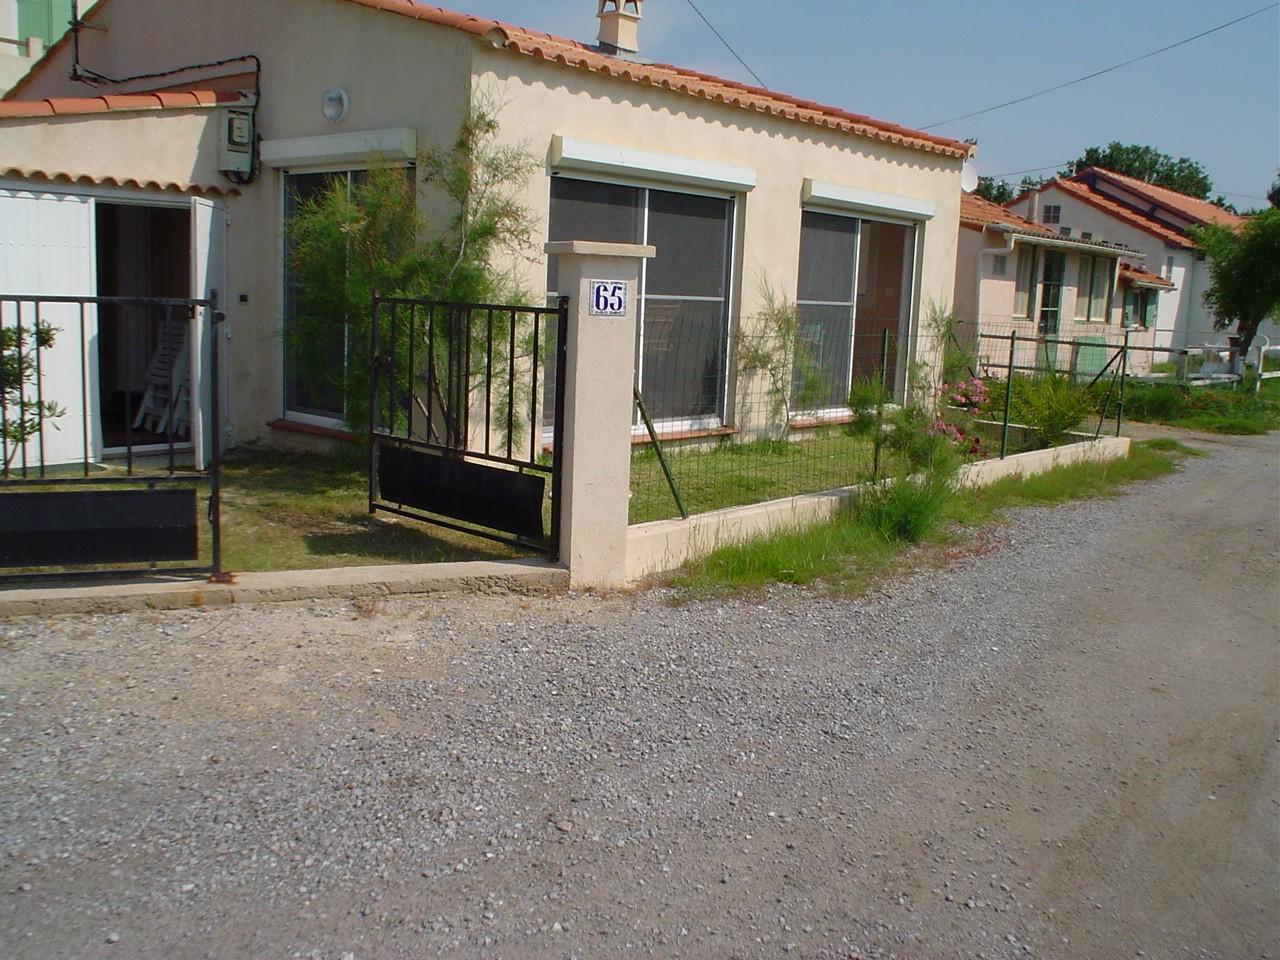 LA DAURADELLE - N° 1280-Exterieur-de-la-maison